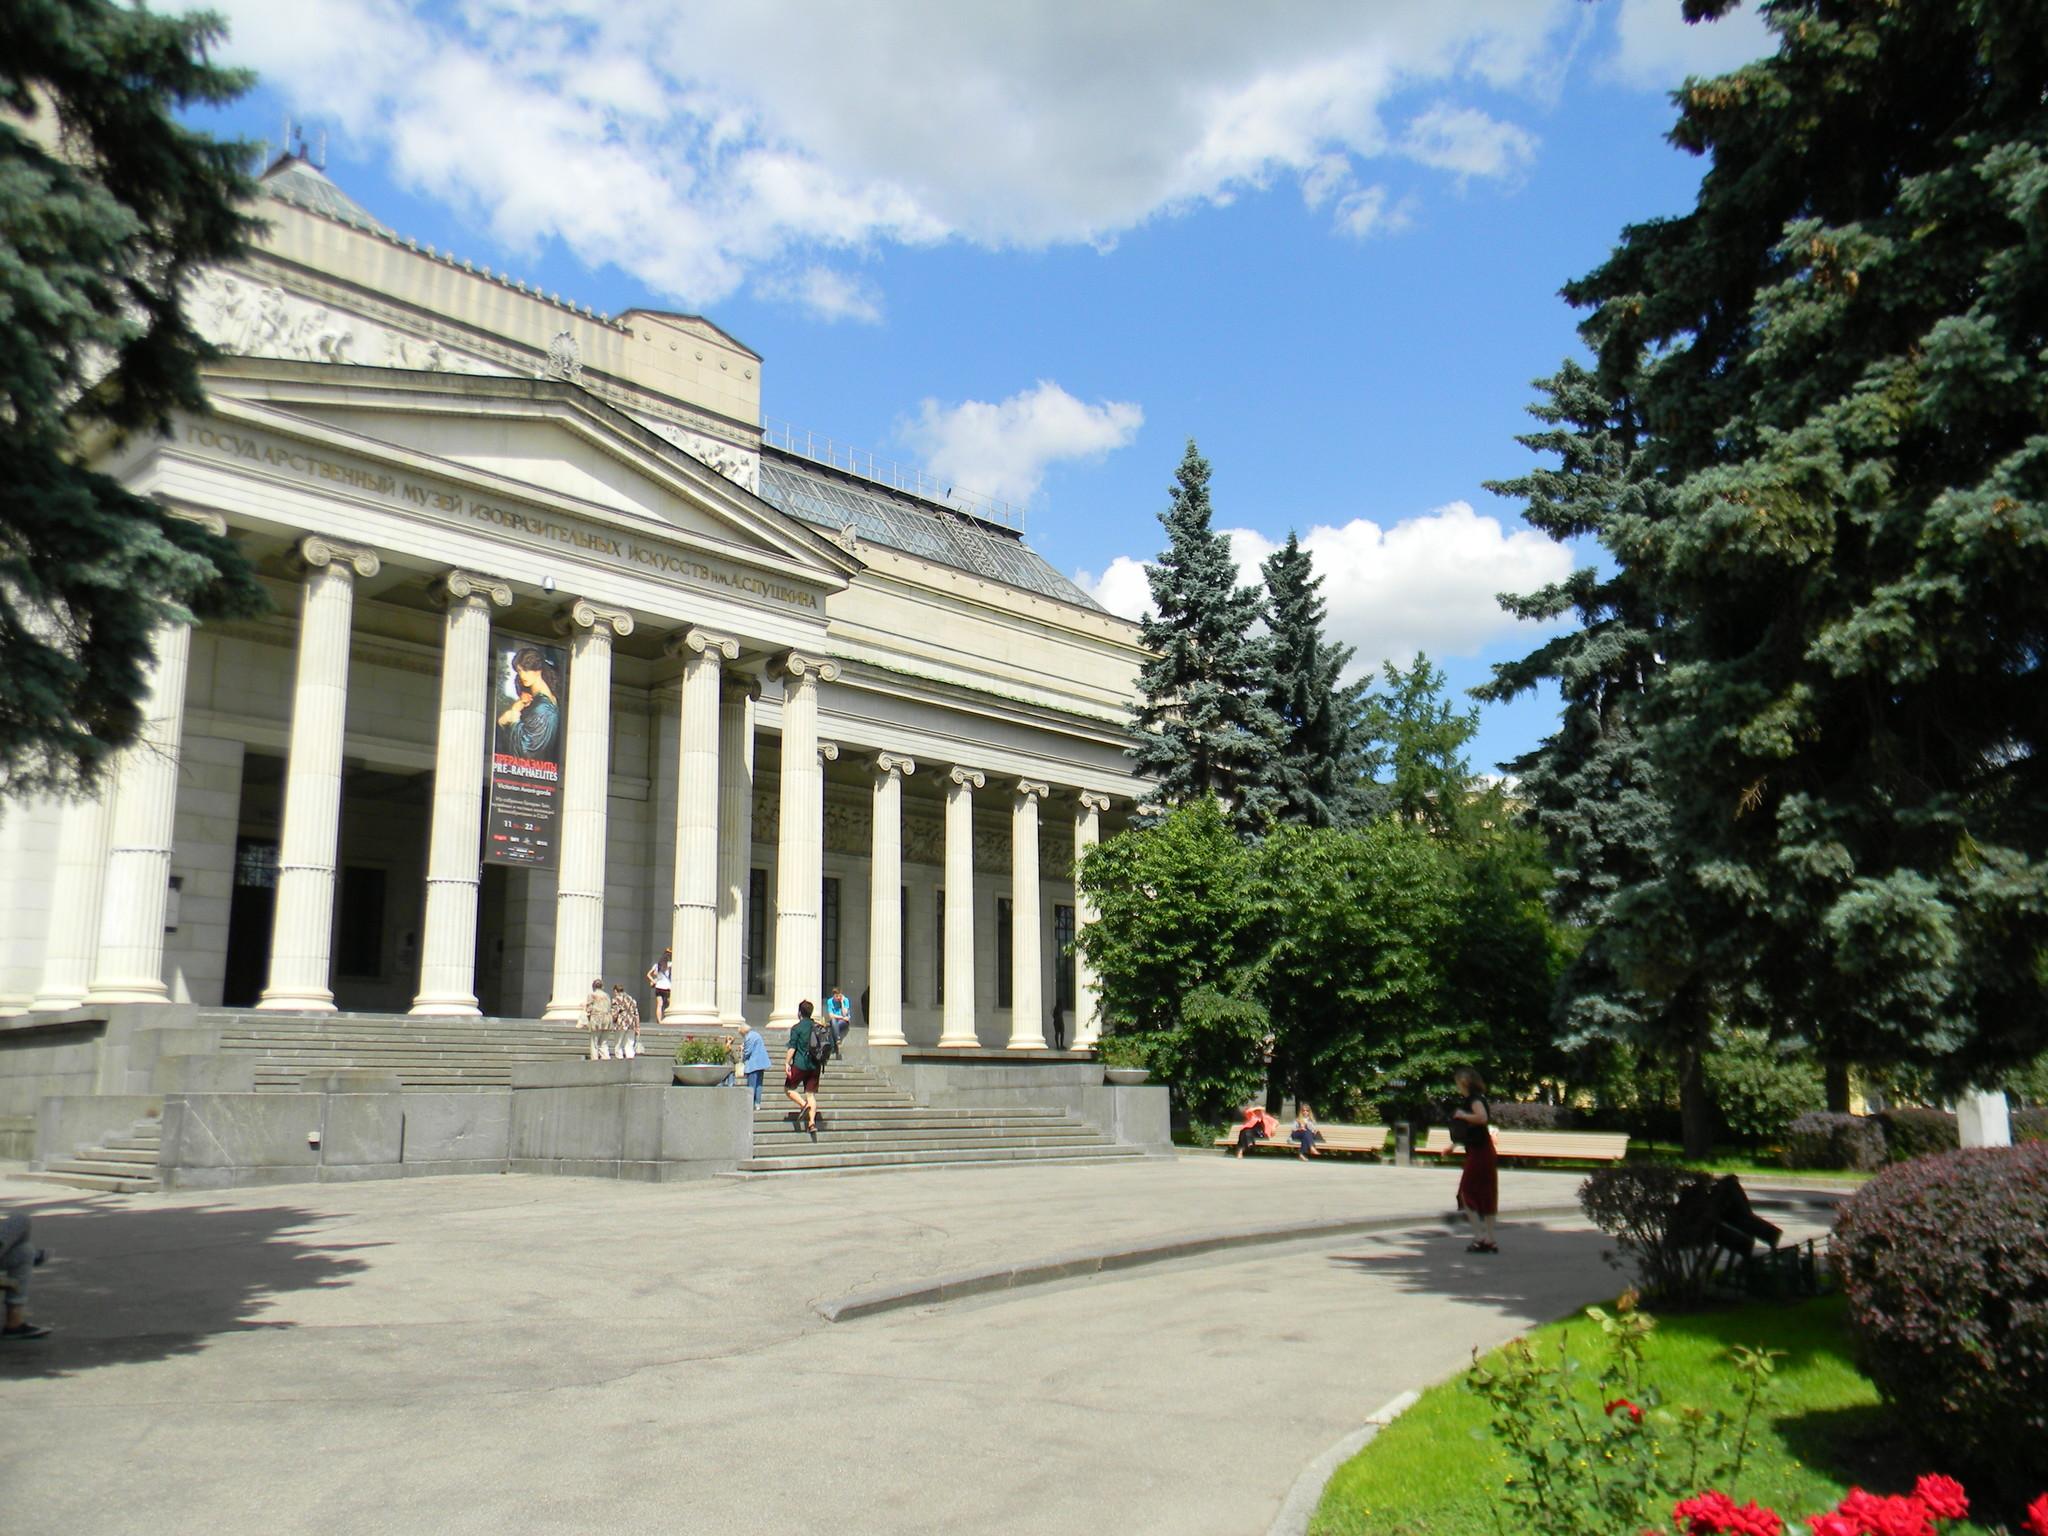 Государственный музей изобразительных искусств имени А.С. Пушкина (улица Волхонка, дом 12)